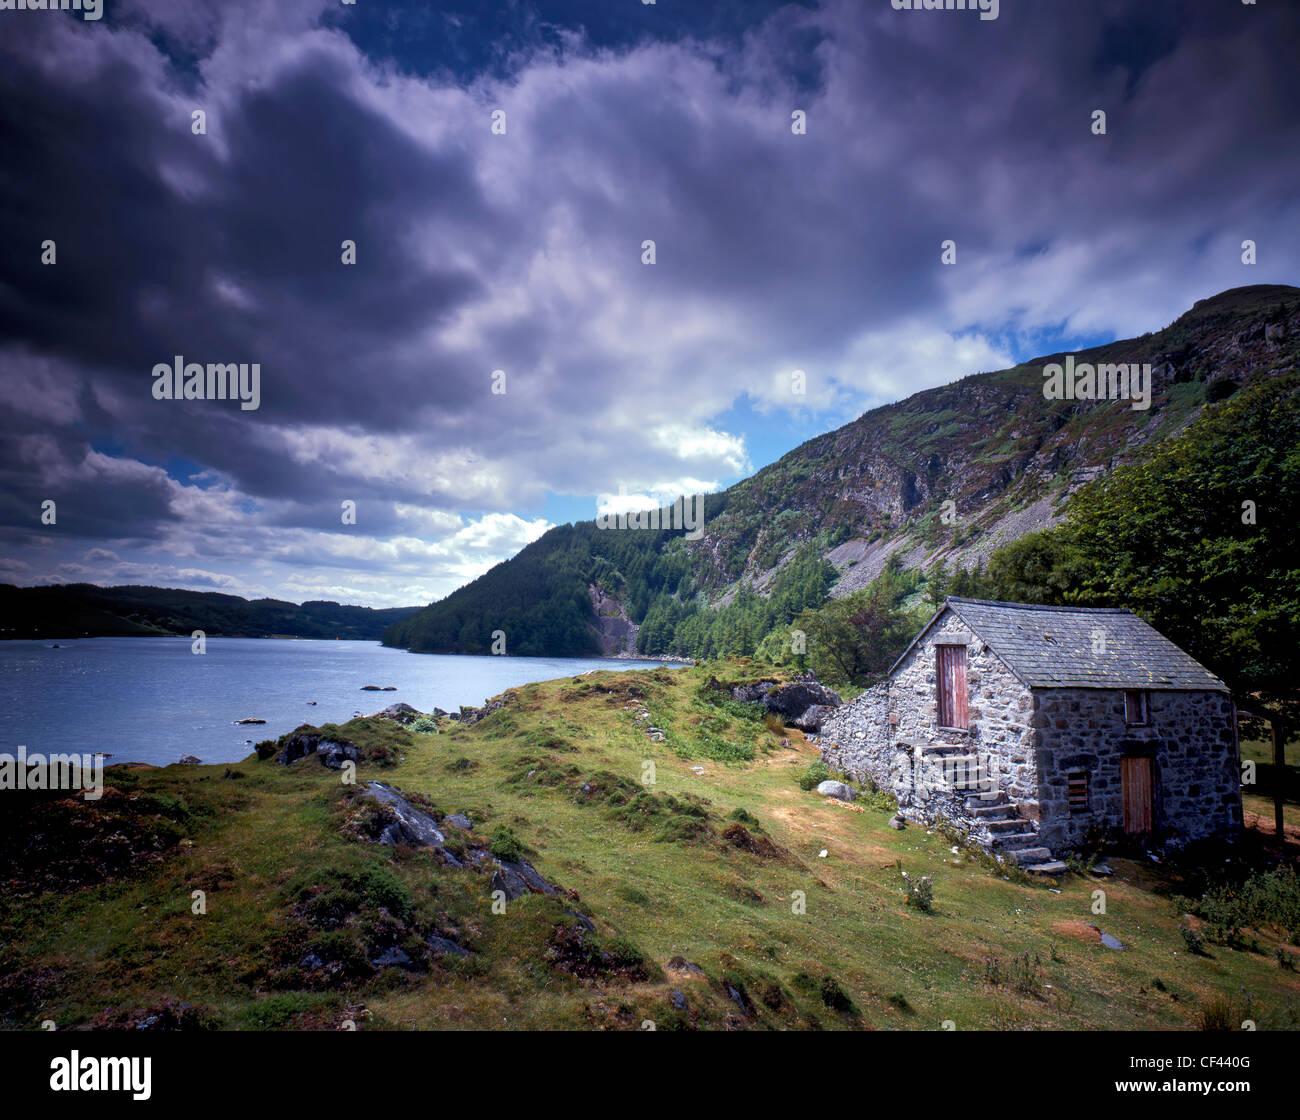 Blick über Llyn Geirionydd, einen abgelegenen See in Snowdonia wie Gewitterwolken über Kopf sammeln. Stockbild